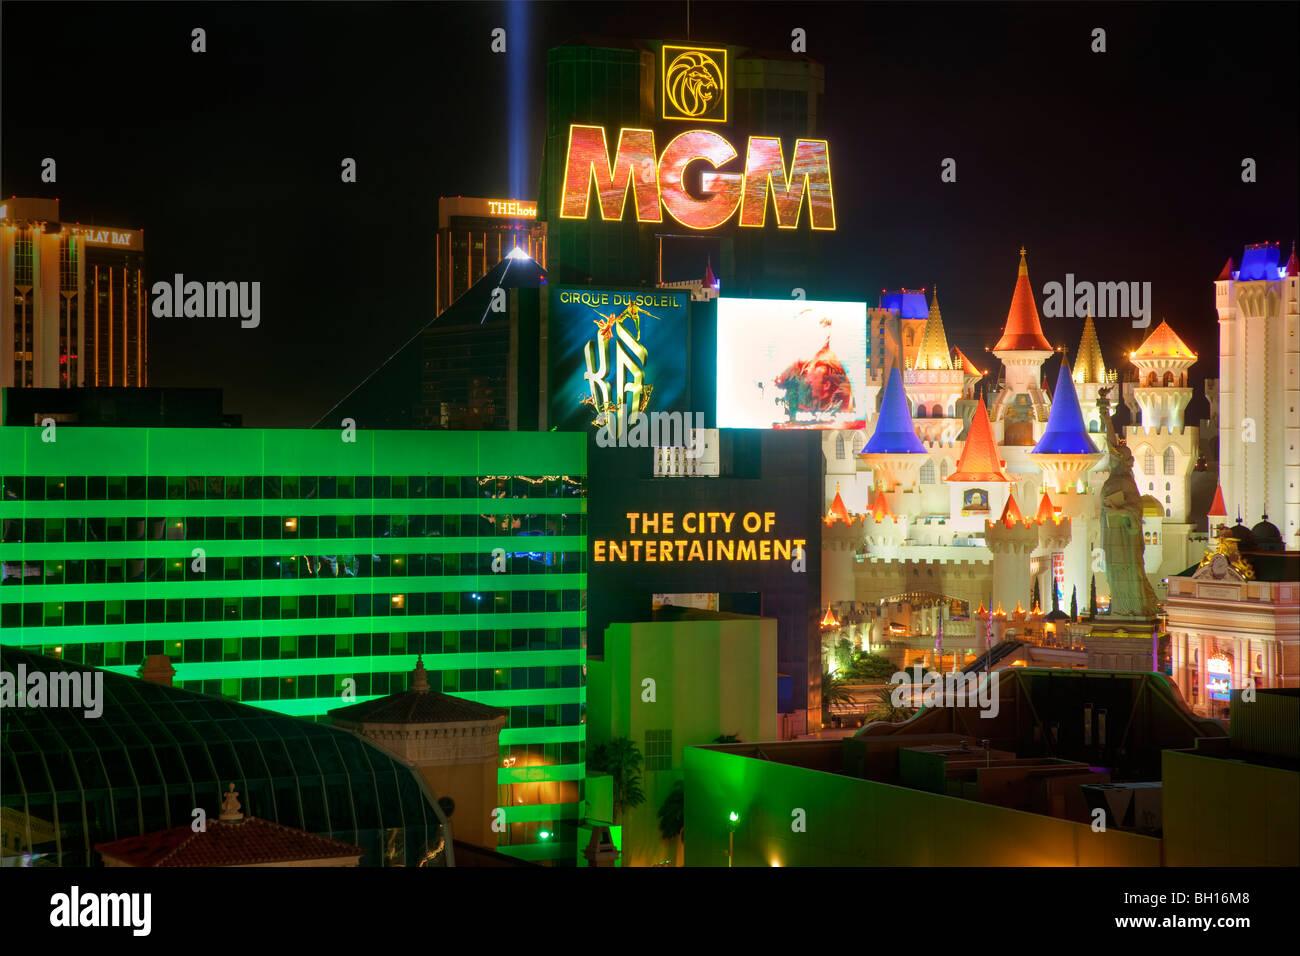 MGM Grand, Las Vegas, Nevada. - Stock Image